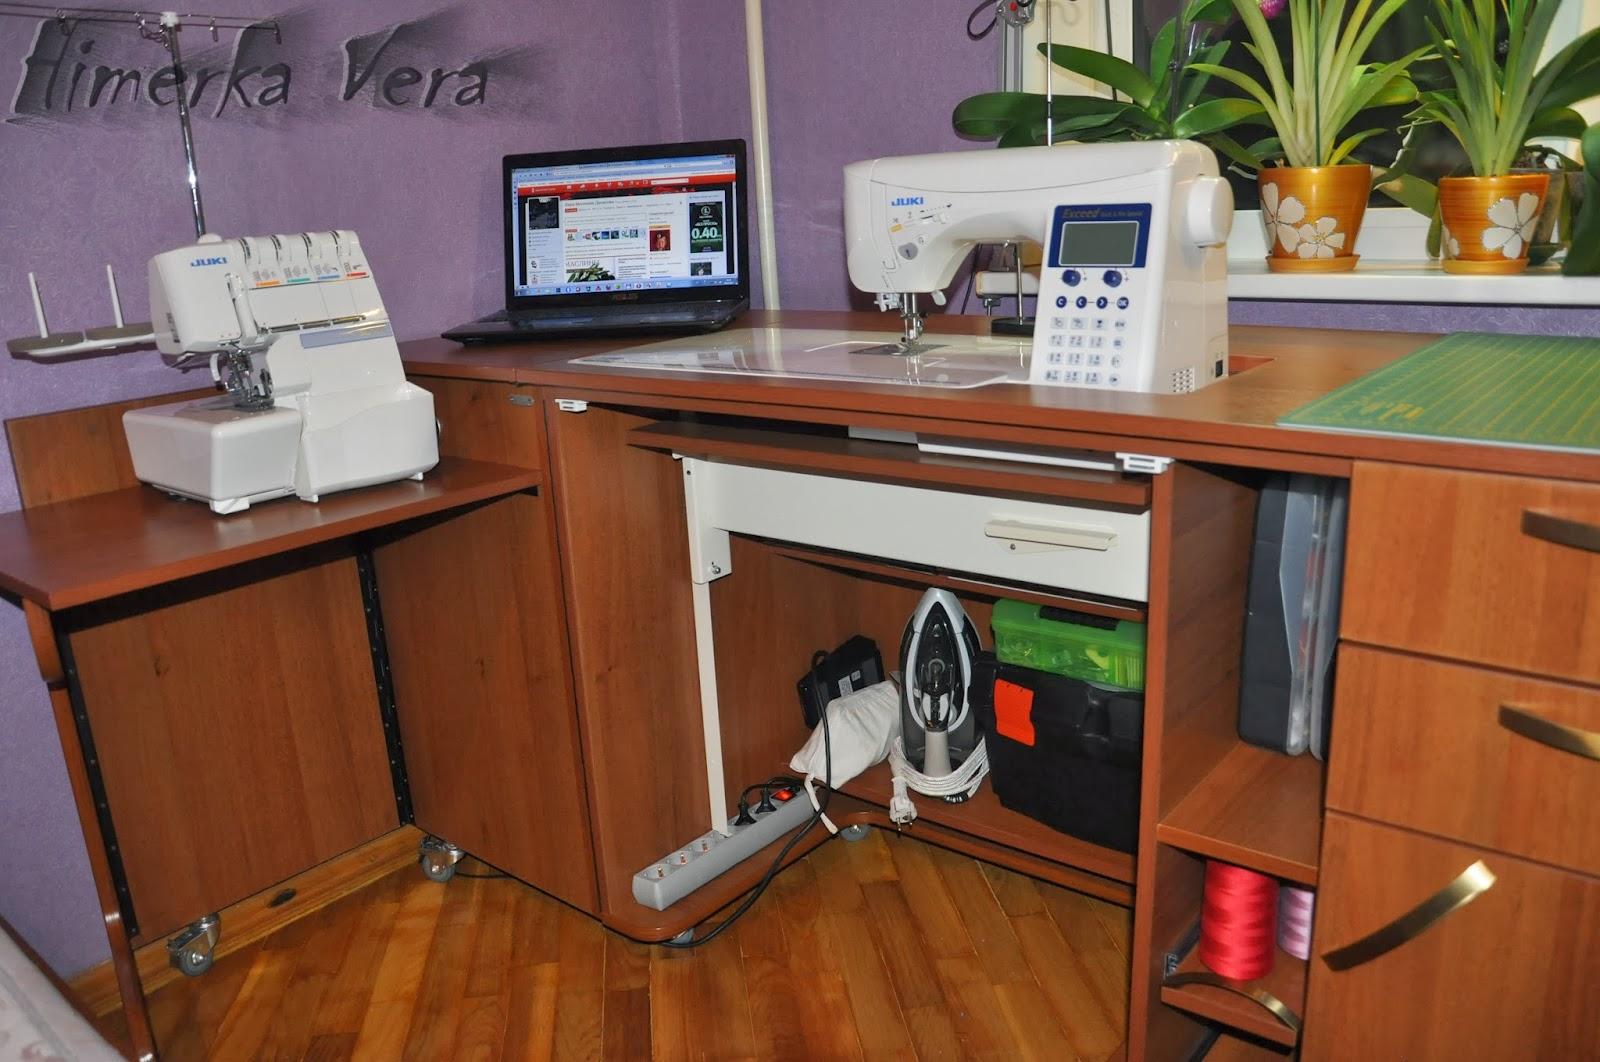 Организация рабочего места дома. Домашний офис. Фото. Идеи